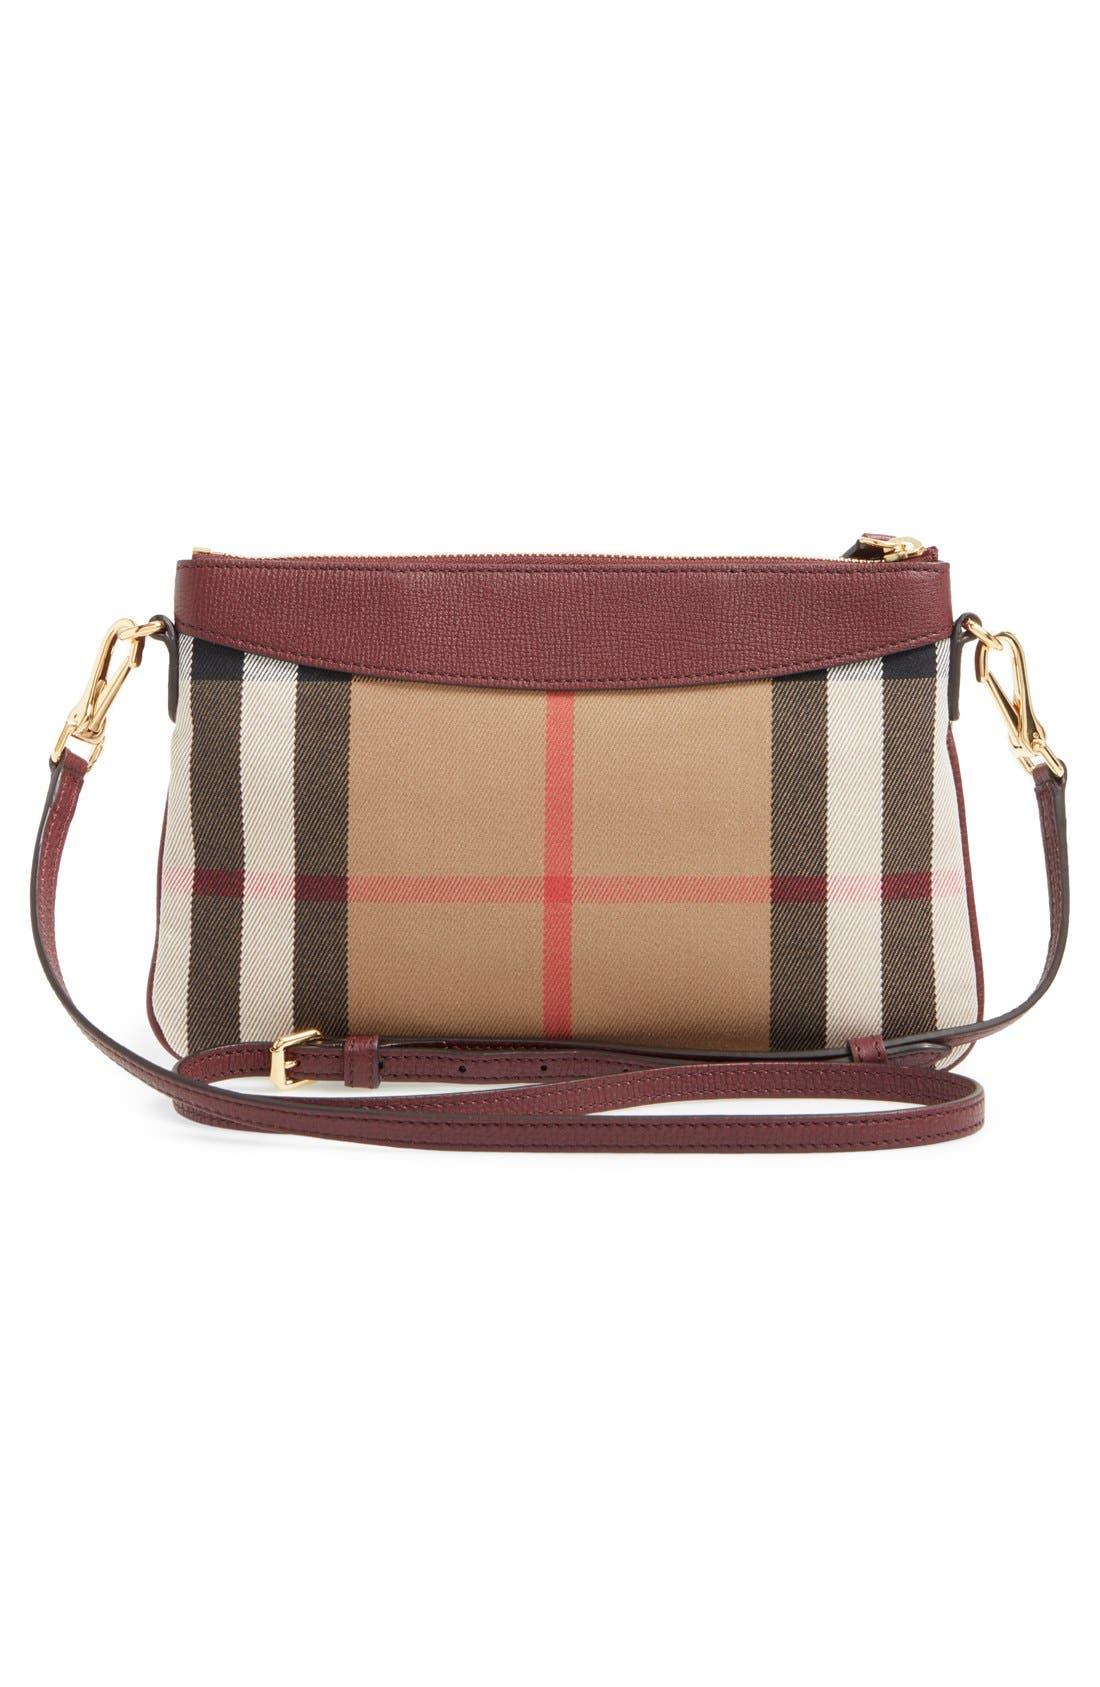 'Peyton - House Check' Crossbody Bag,                             Alternate thumbnail 3, color,                             Mahogany Red